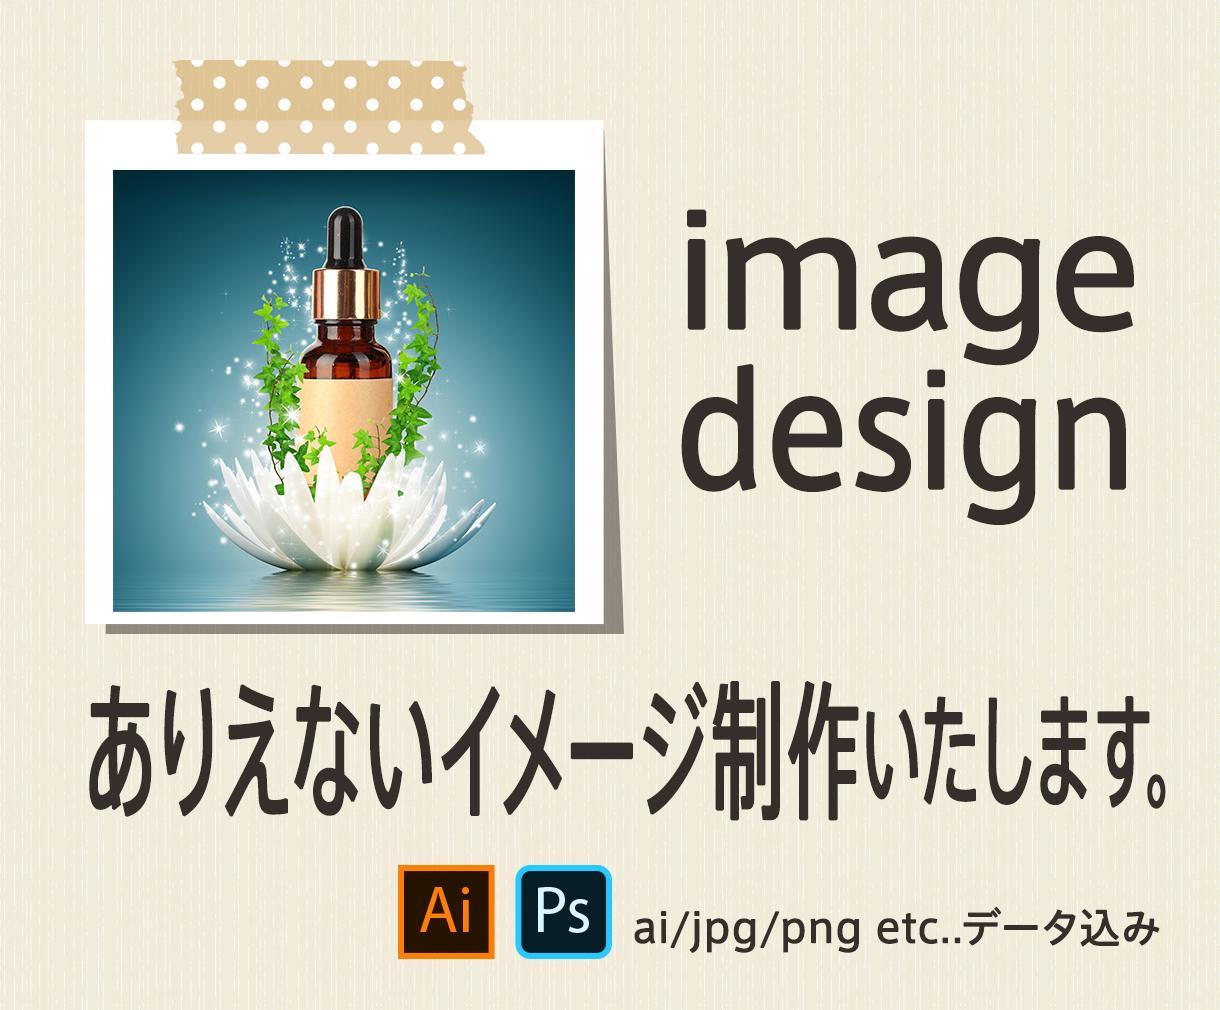 あなたの欲しい「ありえないイメージ」を作成します ありえないイメージを合成で制作いたします イメージ1